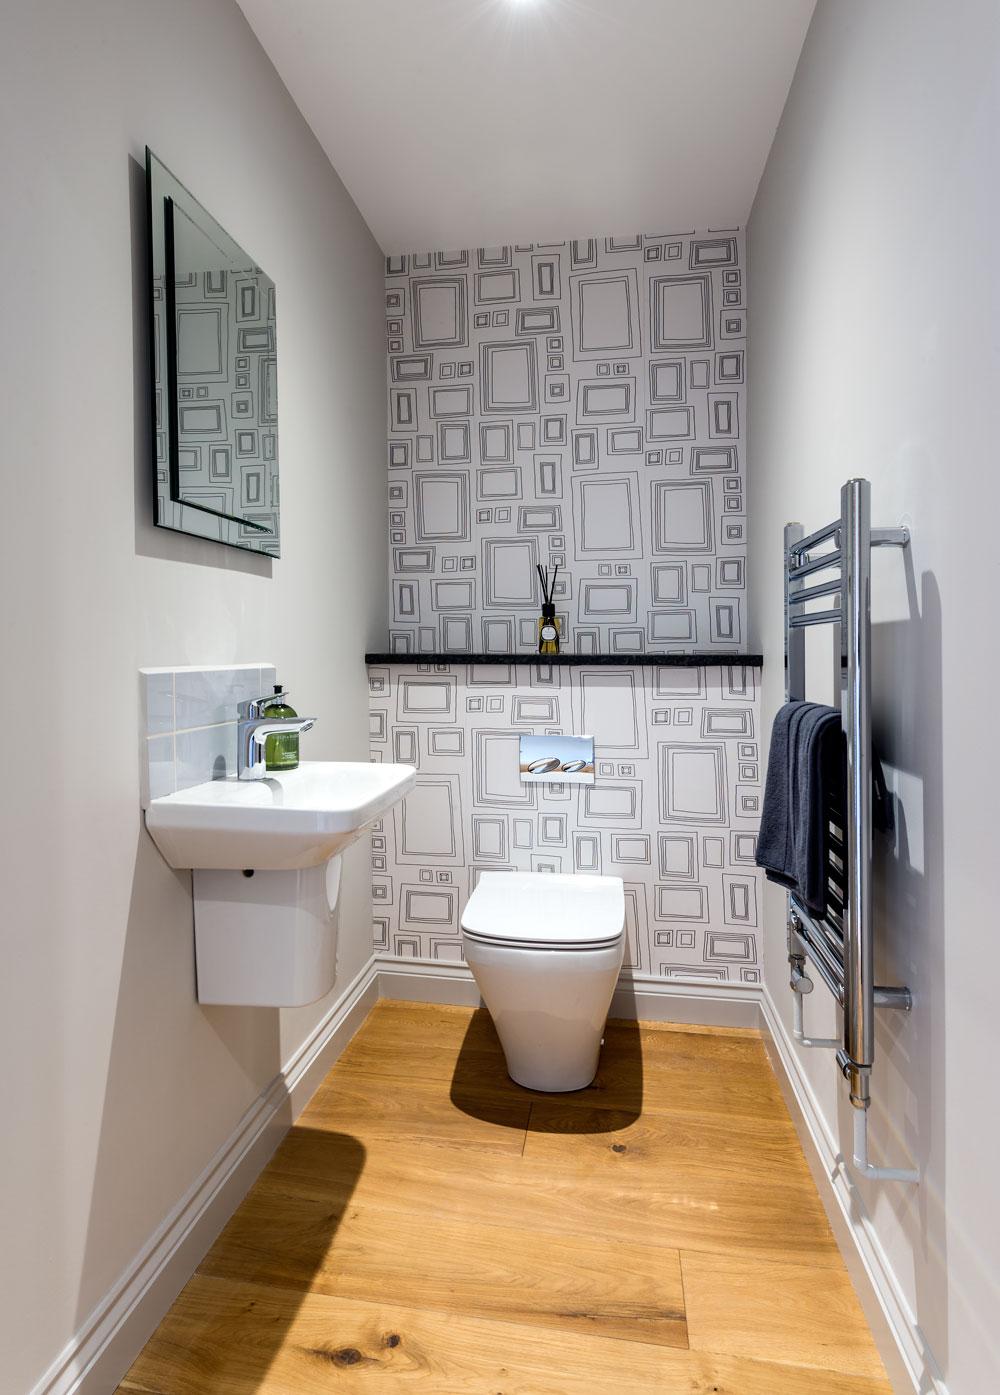 show homes interior design. Show Home Interior Design interior design show homes  Psoriasisguru com